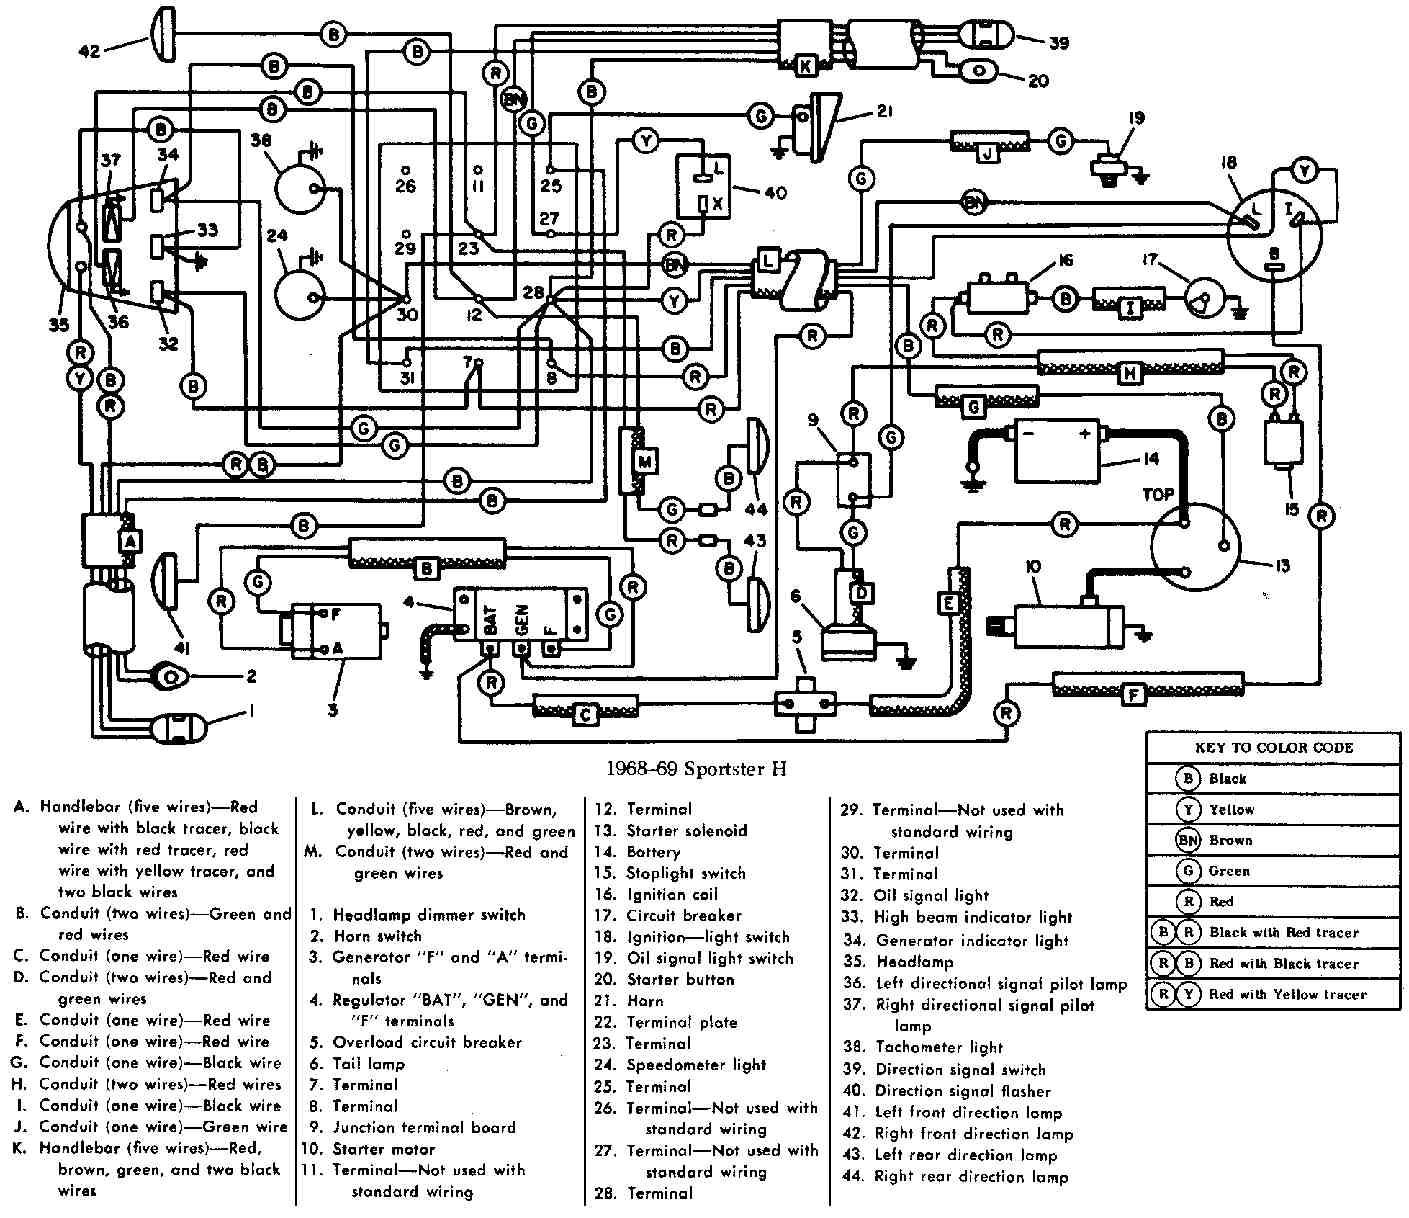 1990 Plymouth Laser Wiring Diagram - wiring diagrams schematics